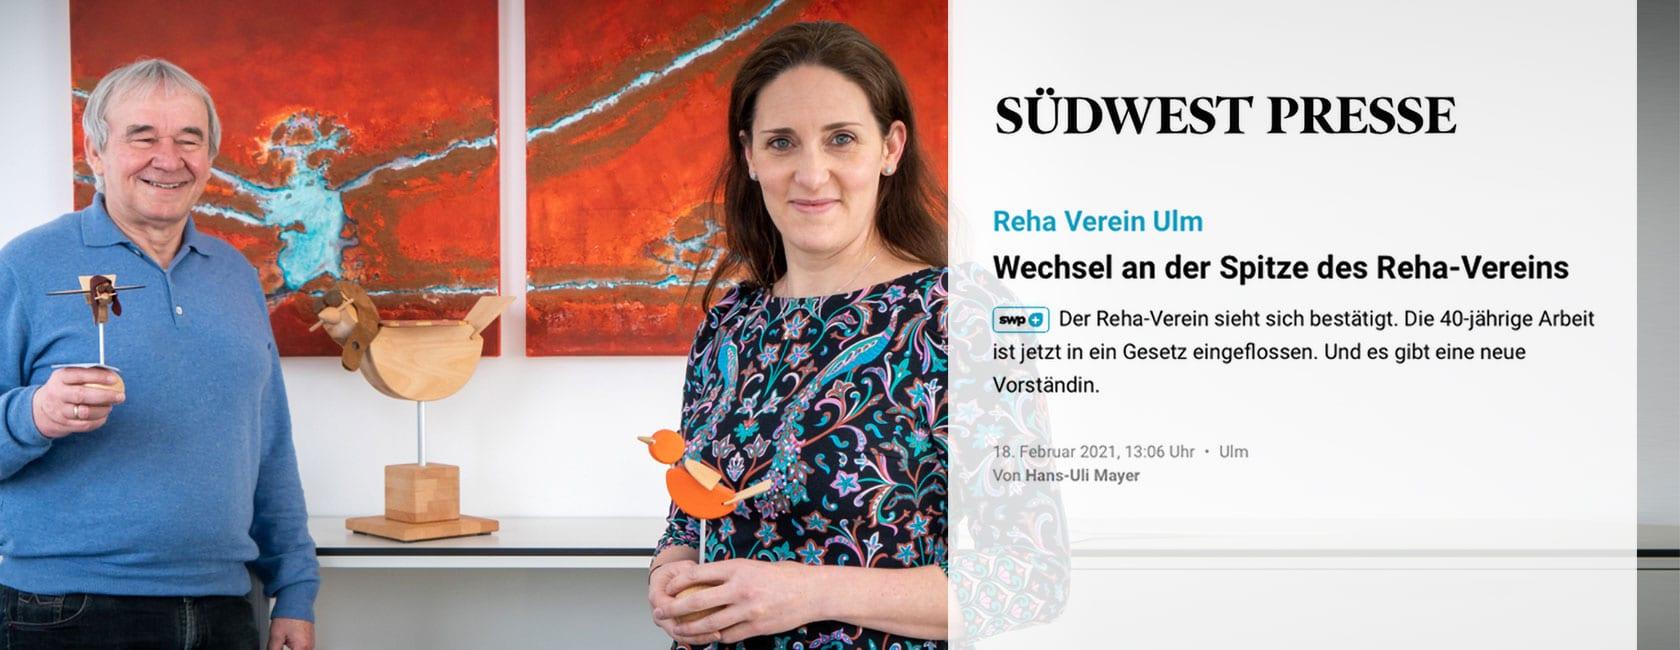 Wechsel an der Spitze des RehaVereins, ein Artikel der SWP Ulm im Februar 2021